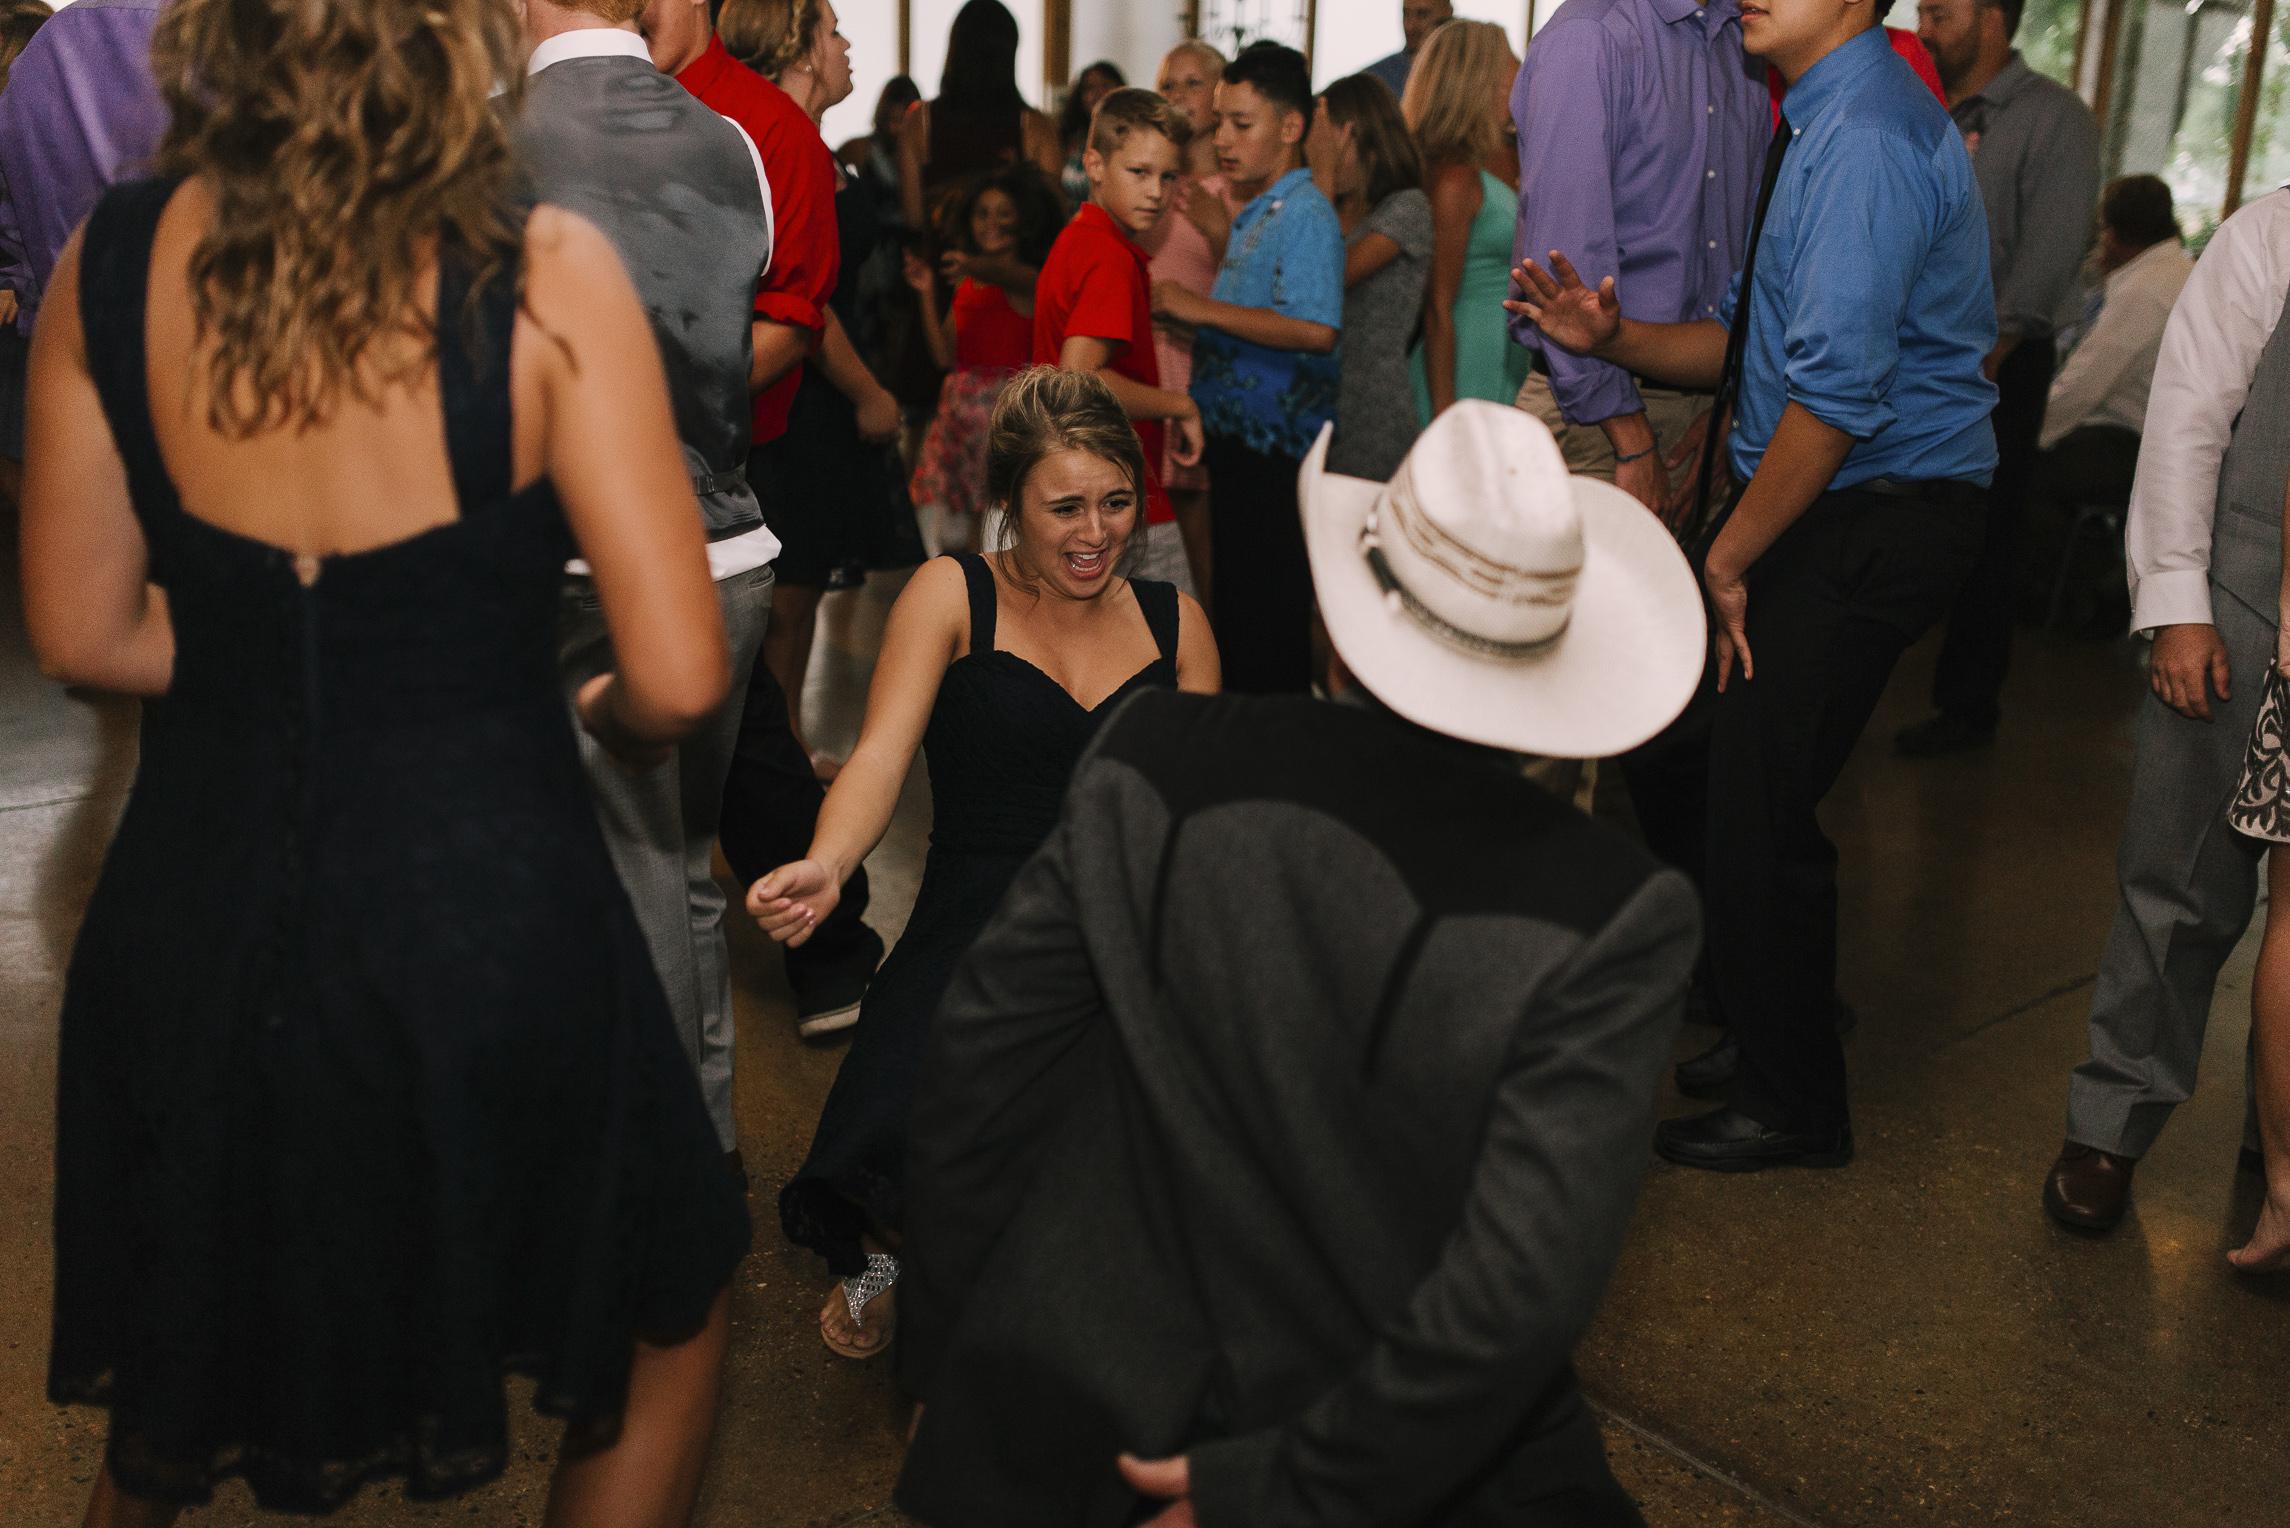 web sized images -- no to print --CALVIN & MCKYLEY WEDDING PHOTOS - COLORADO PHOTOGRAPHER - DEBI RAE PHOTOGRAPHY-2515.jpg